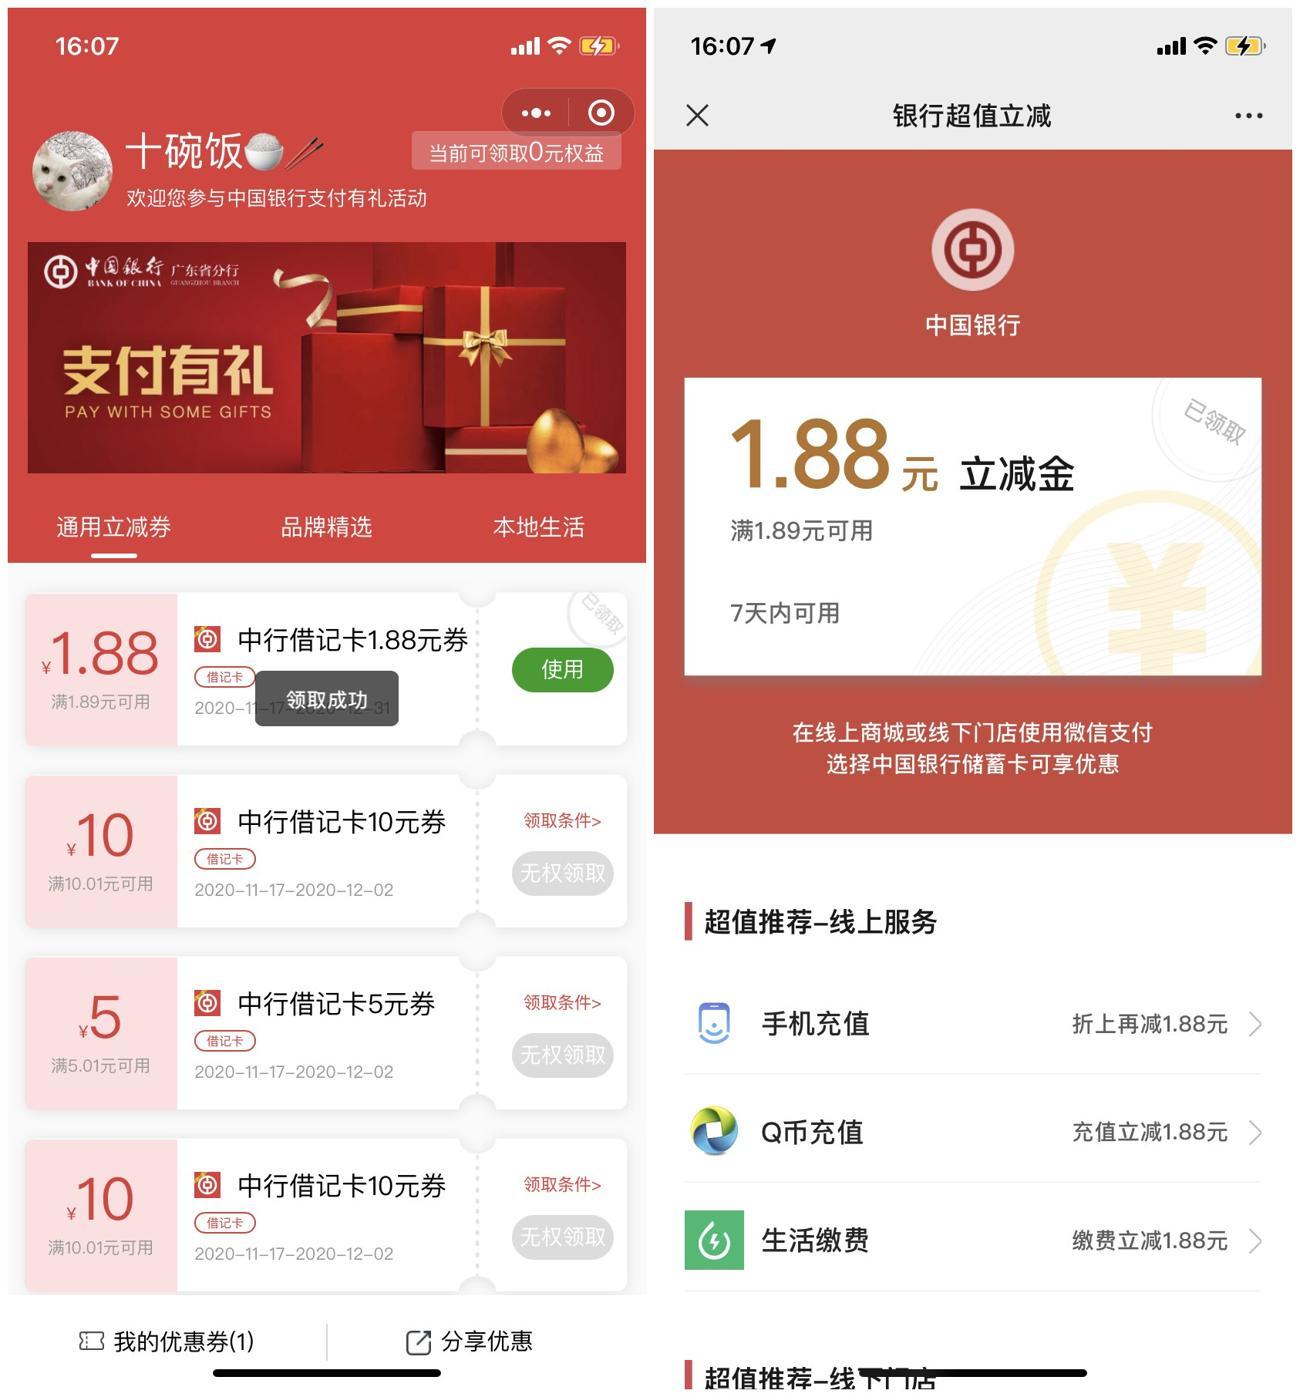 中国银行领1.88元微信立减金